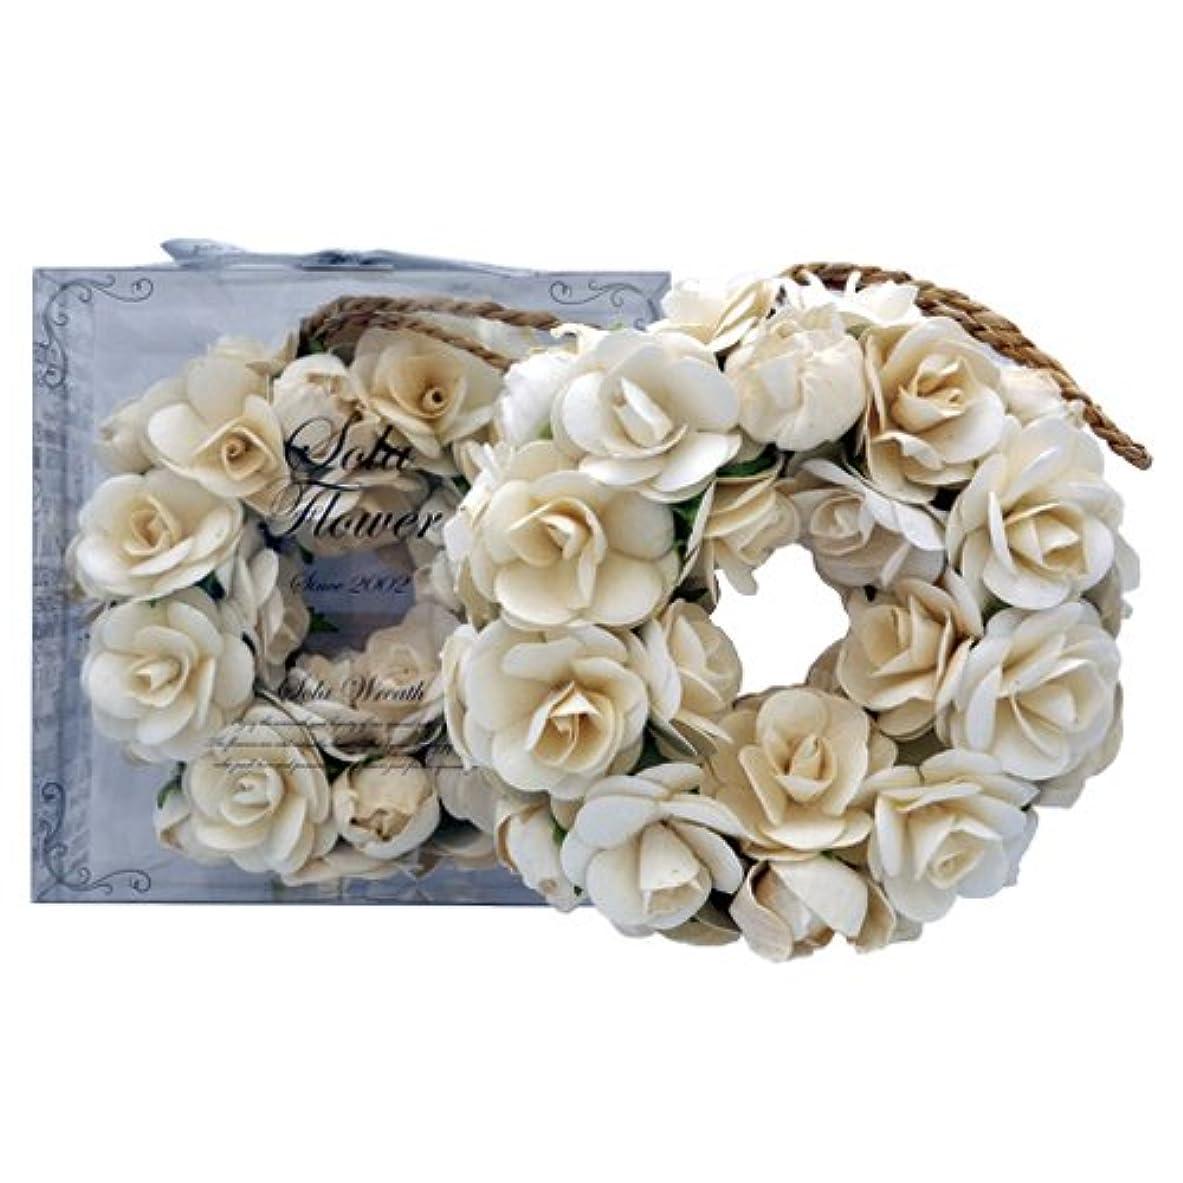 救い塗抹法医学new Sola Flower ソラフラワー リース Elegant Peony エレガントピオニー Wreath